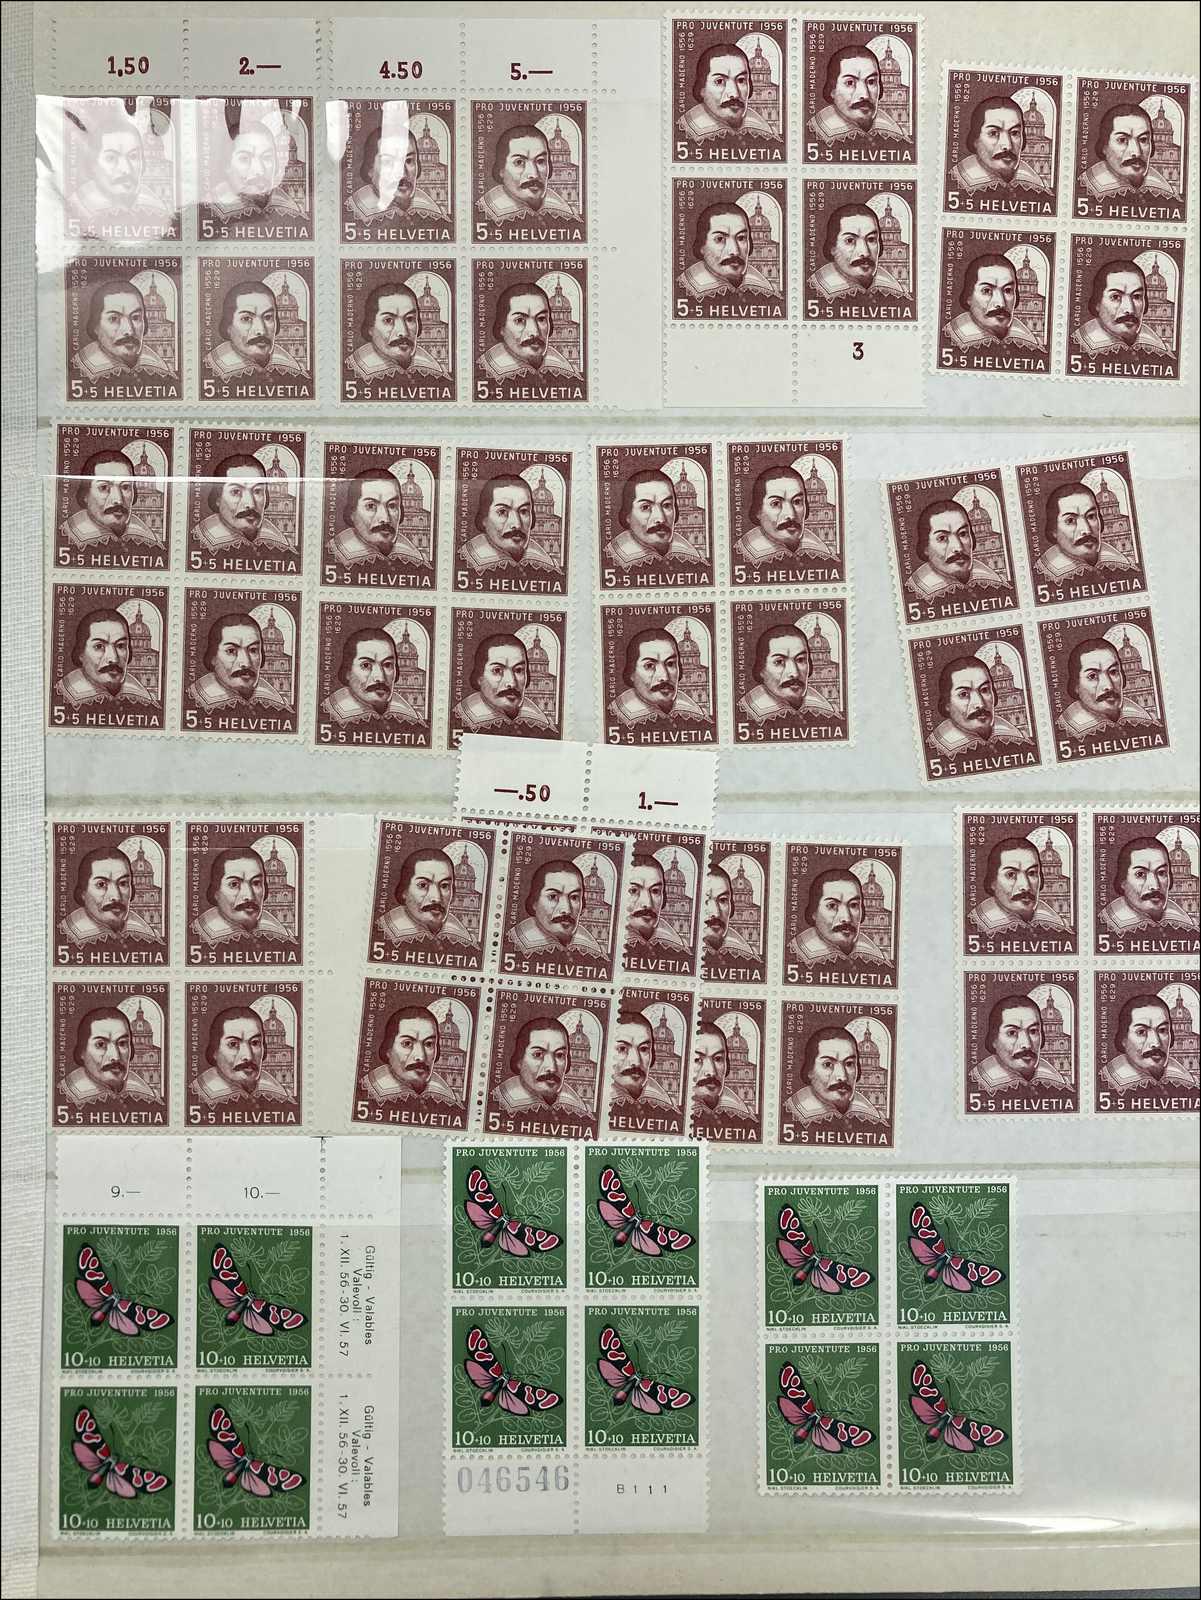 Lot 191 - schweiz schweiz pro juventute -  Rolli Auctions Auction #68 Day 1